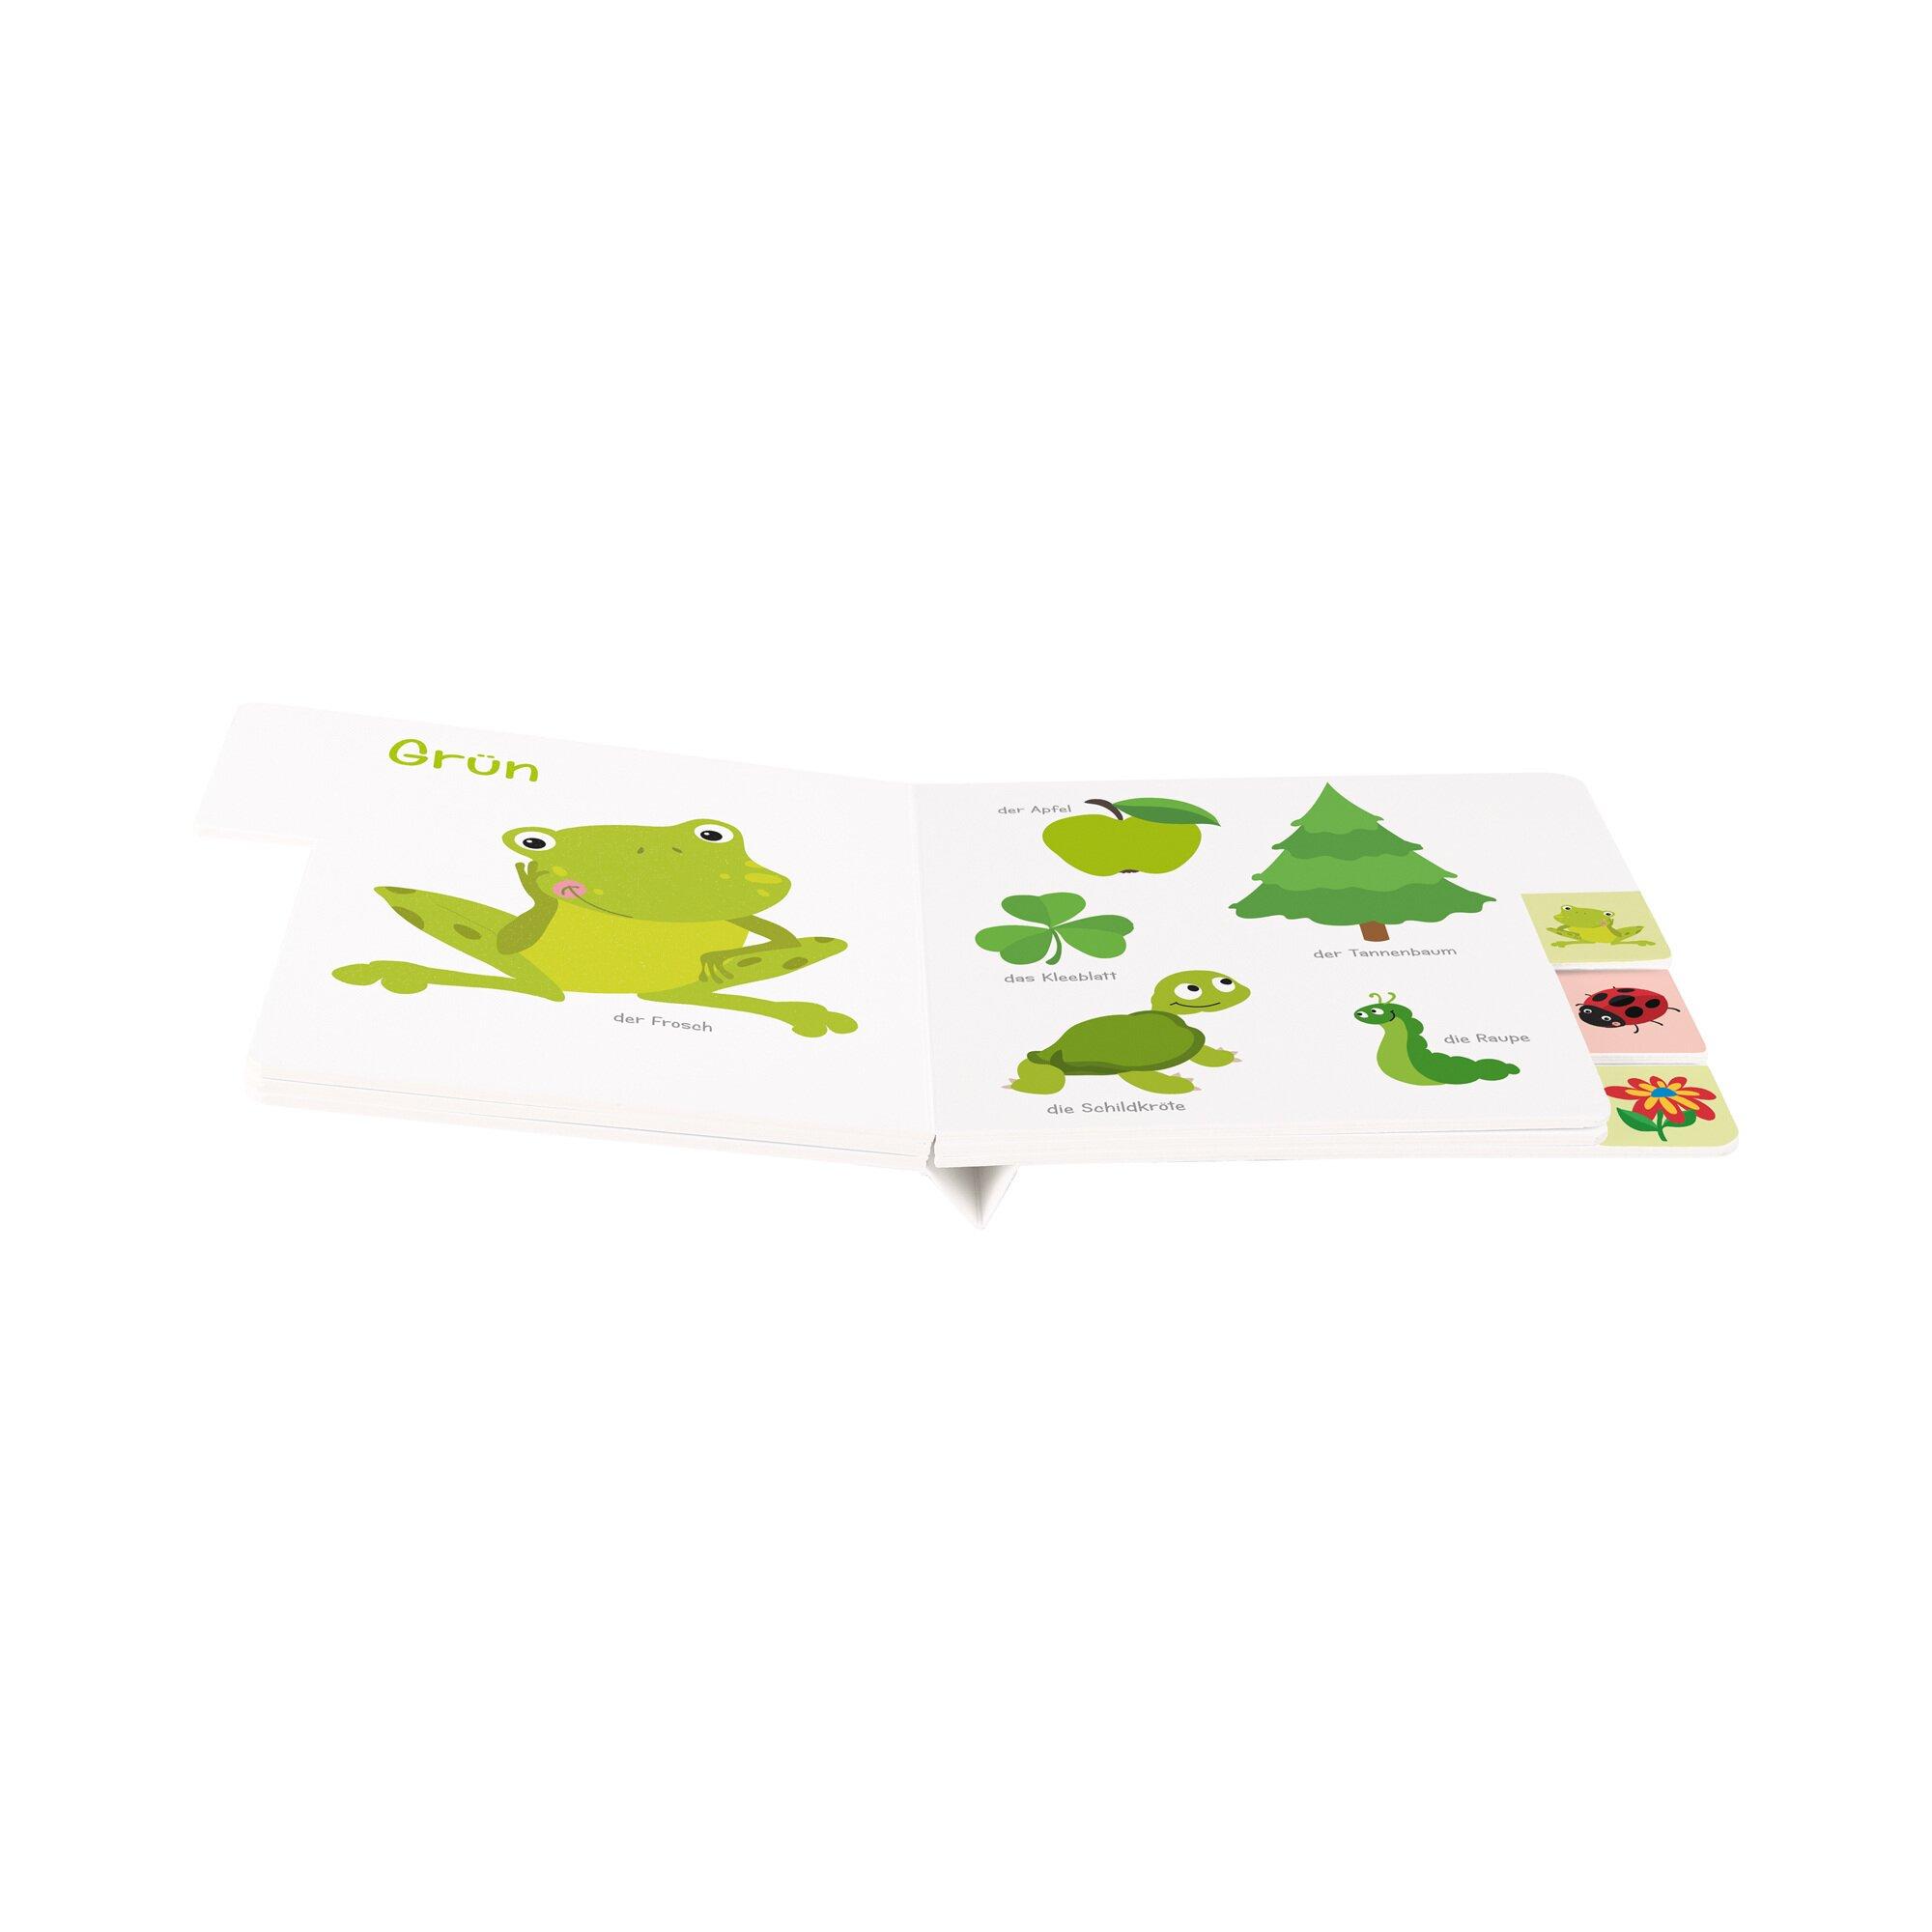 Tessloff Verlag Pappbilderbuch Mein erstes Registerbuch Farben Preisvergleich